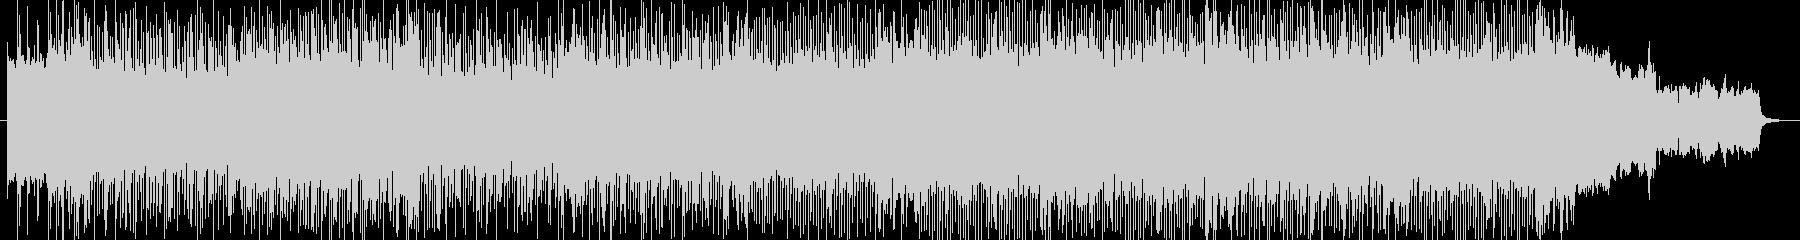 「ハード/ロック/パワー」BGM79の未再生の波形